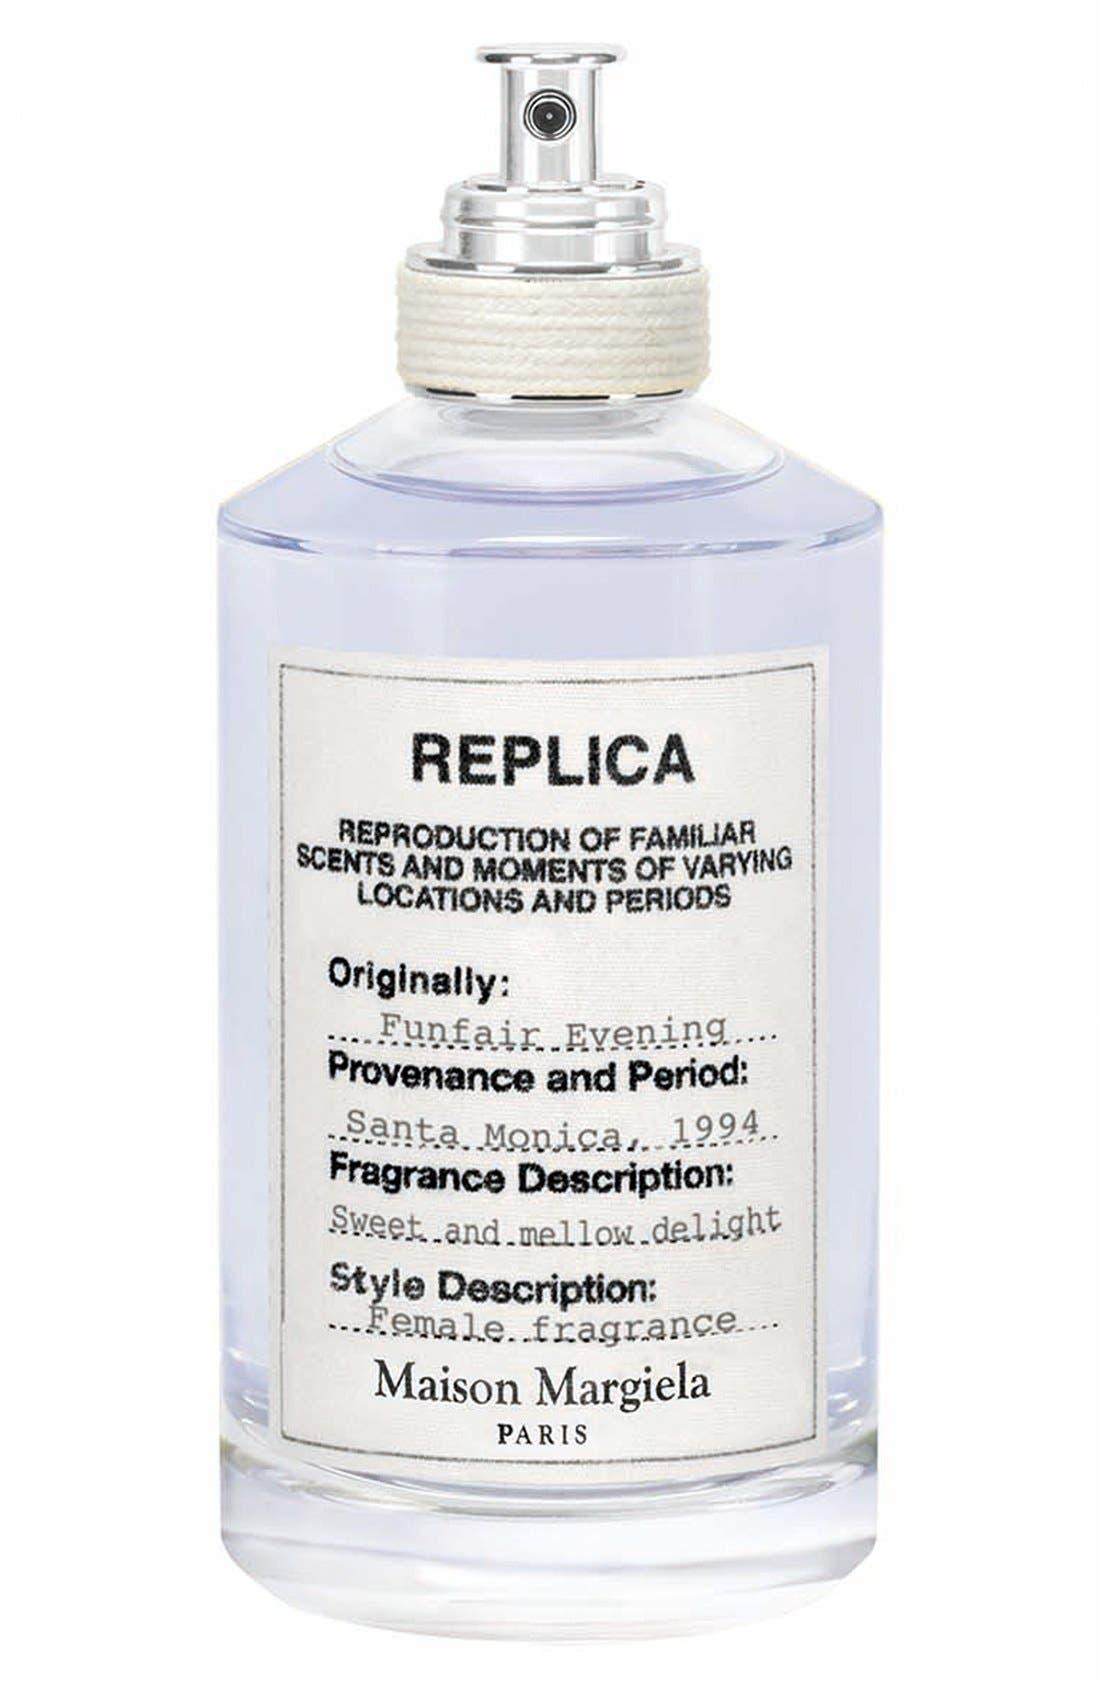 MAISON MARGIELA Replica Funfair Evening Fragrance, Main, color, NO COLOR